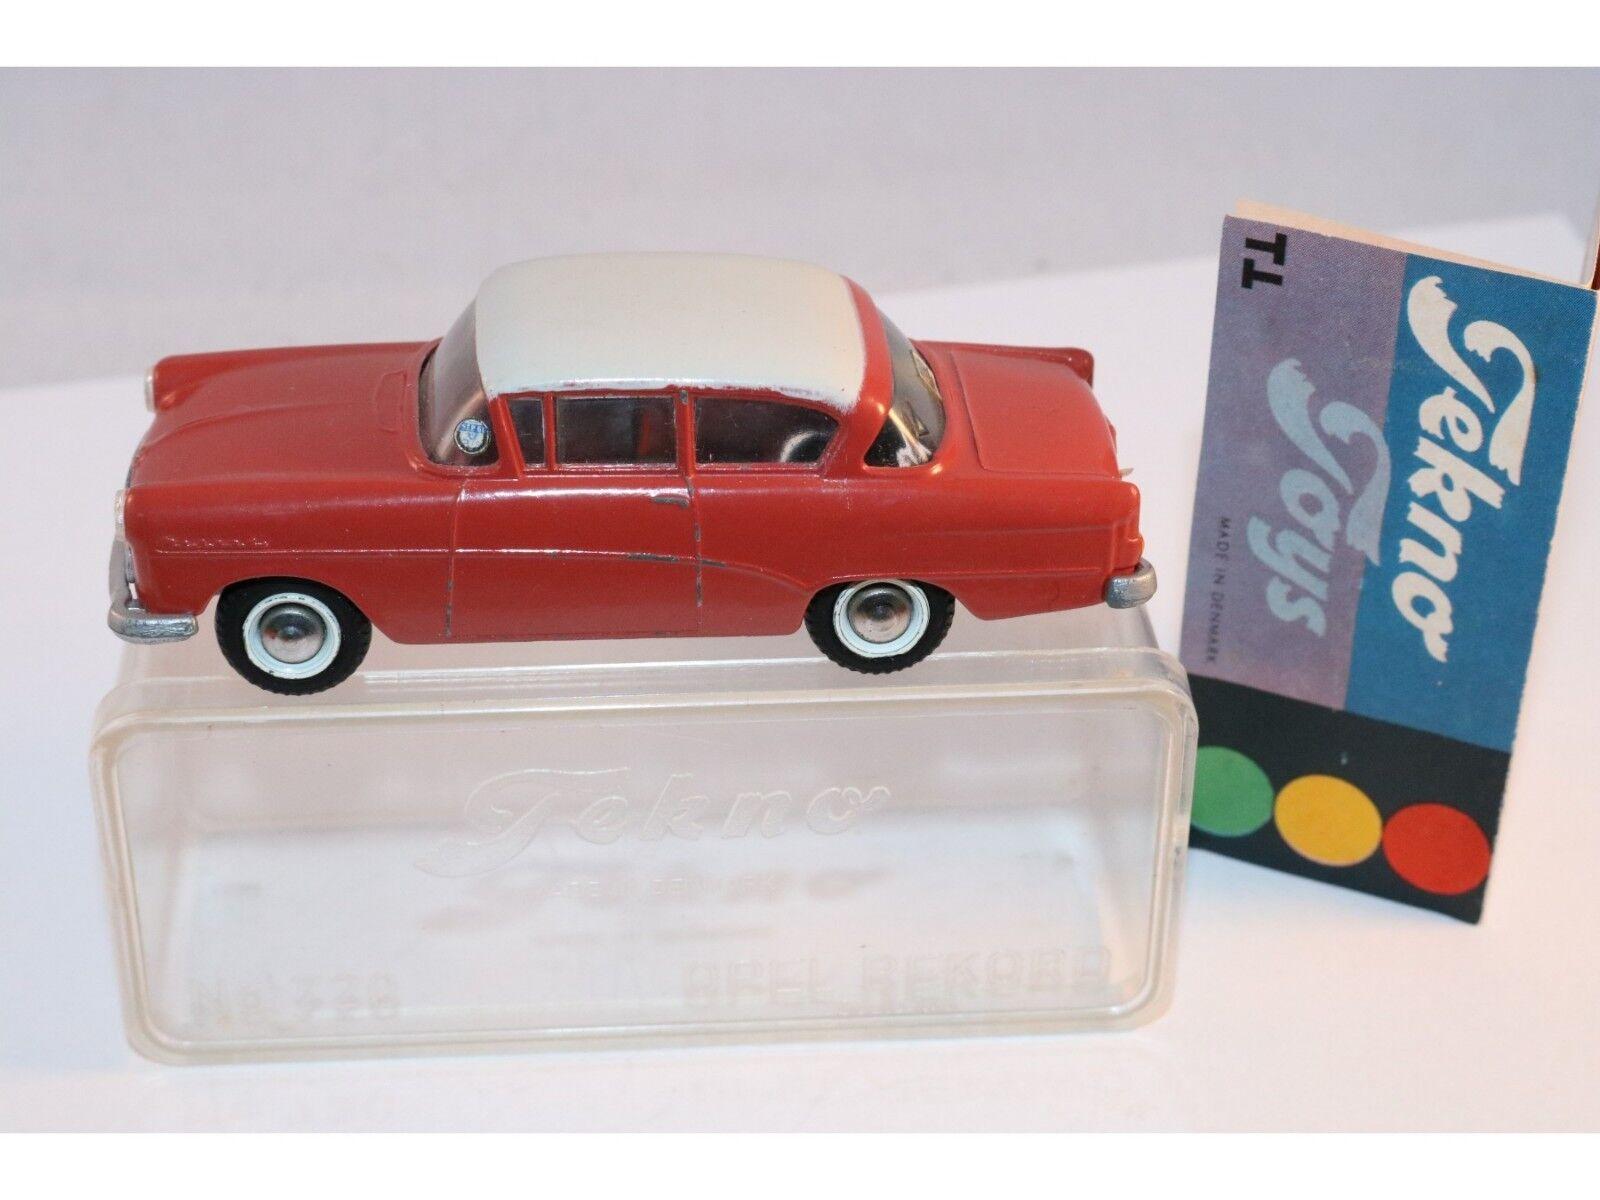 buena reputación Tekno Denmark 720 Opel Rekord 2 tone Color very very very difficult to find In box súperb  buscando agente de ventas